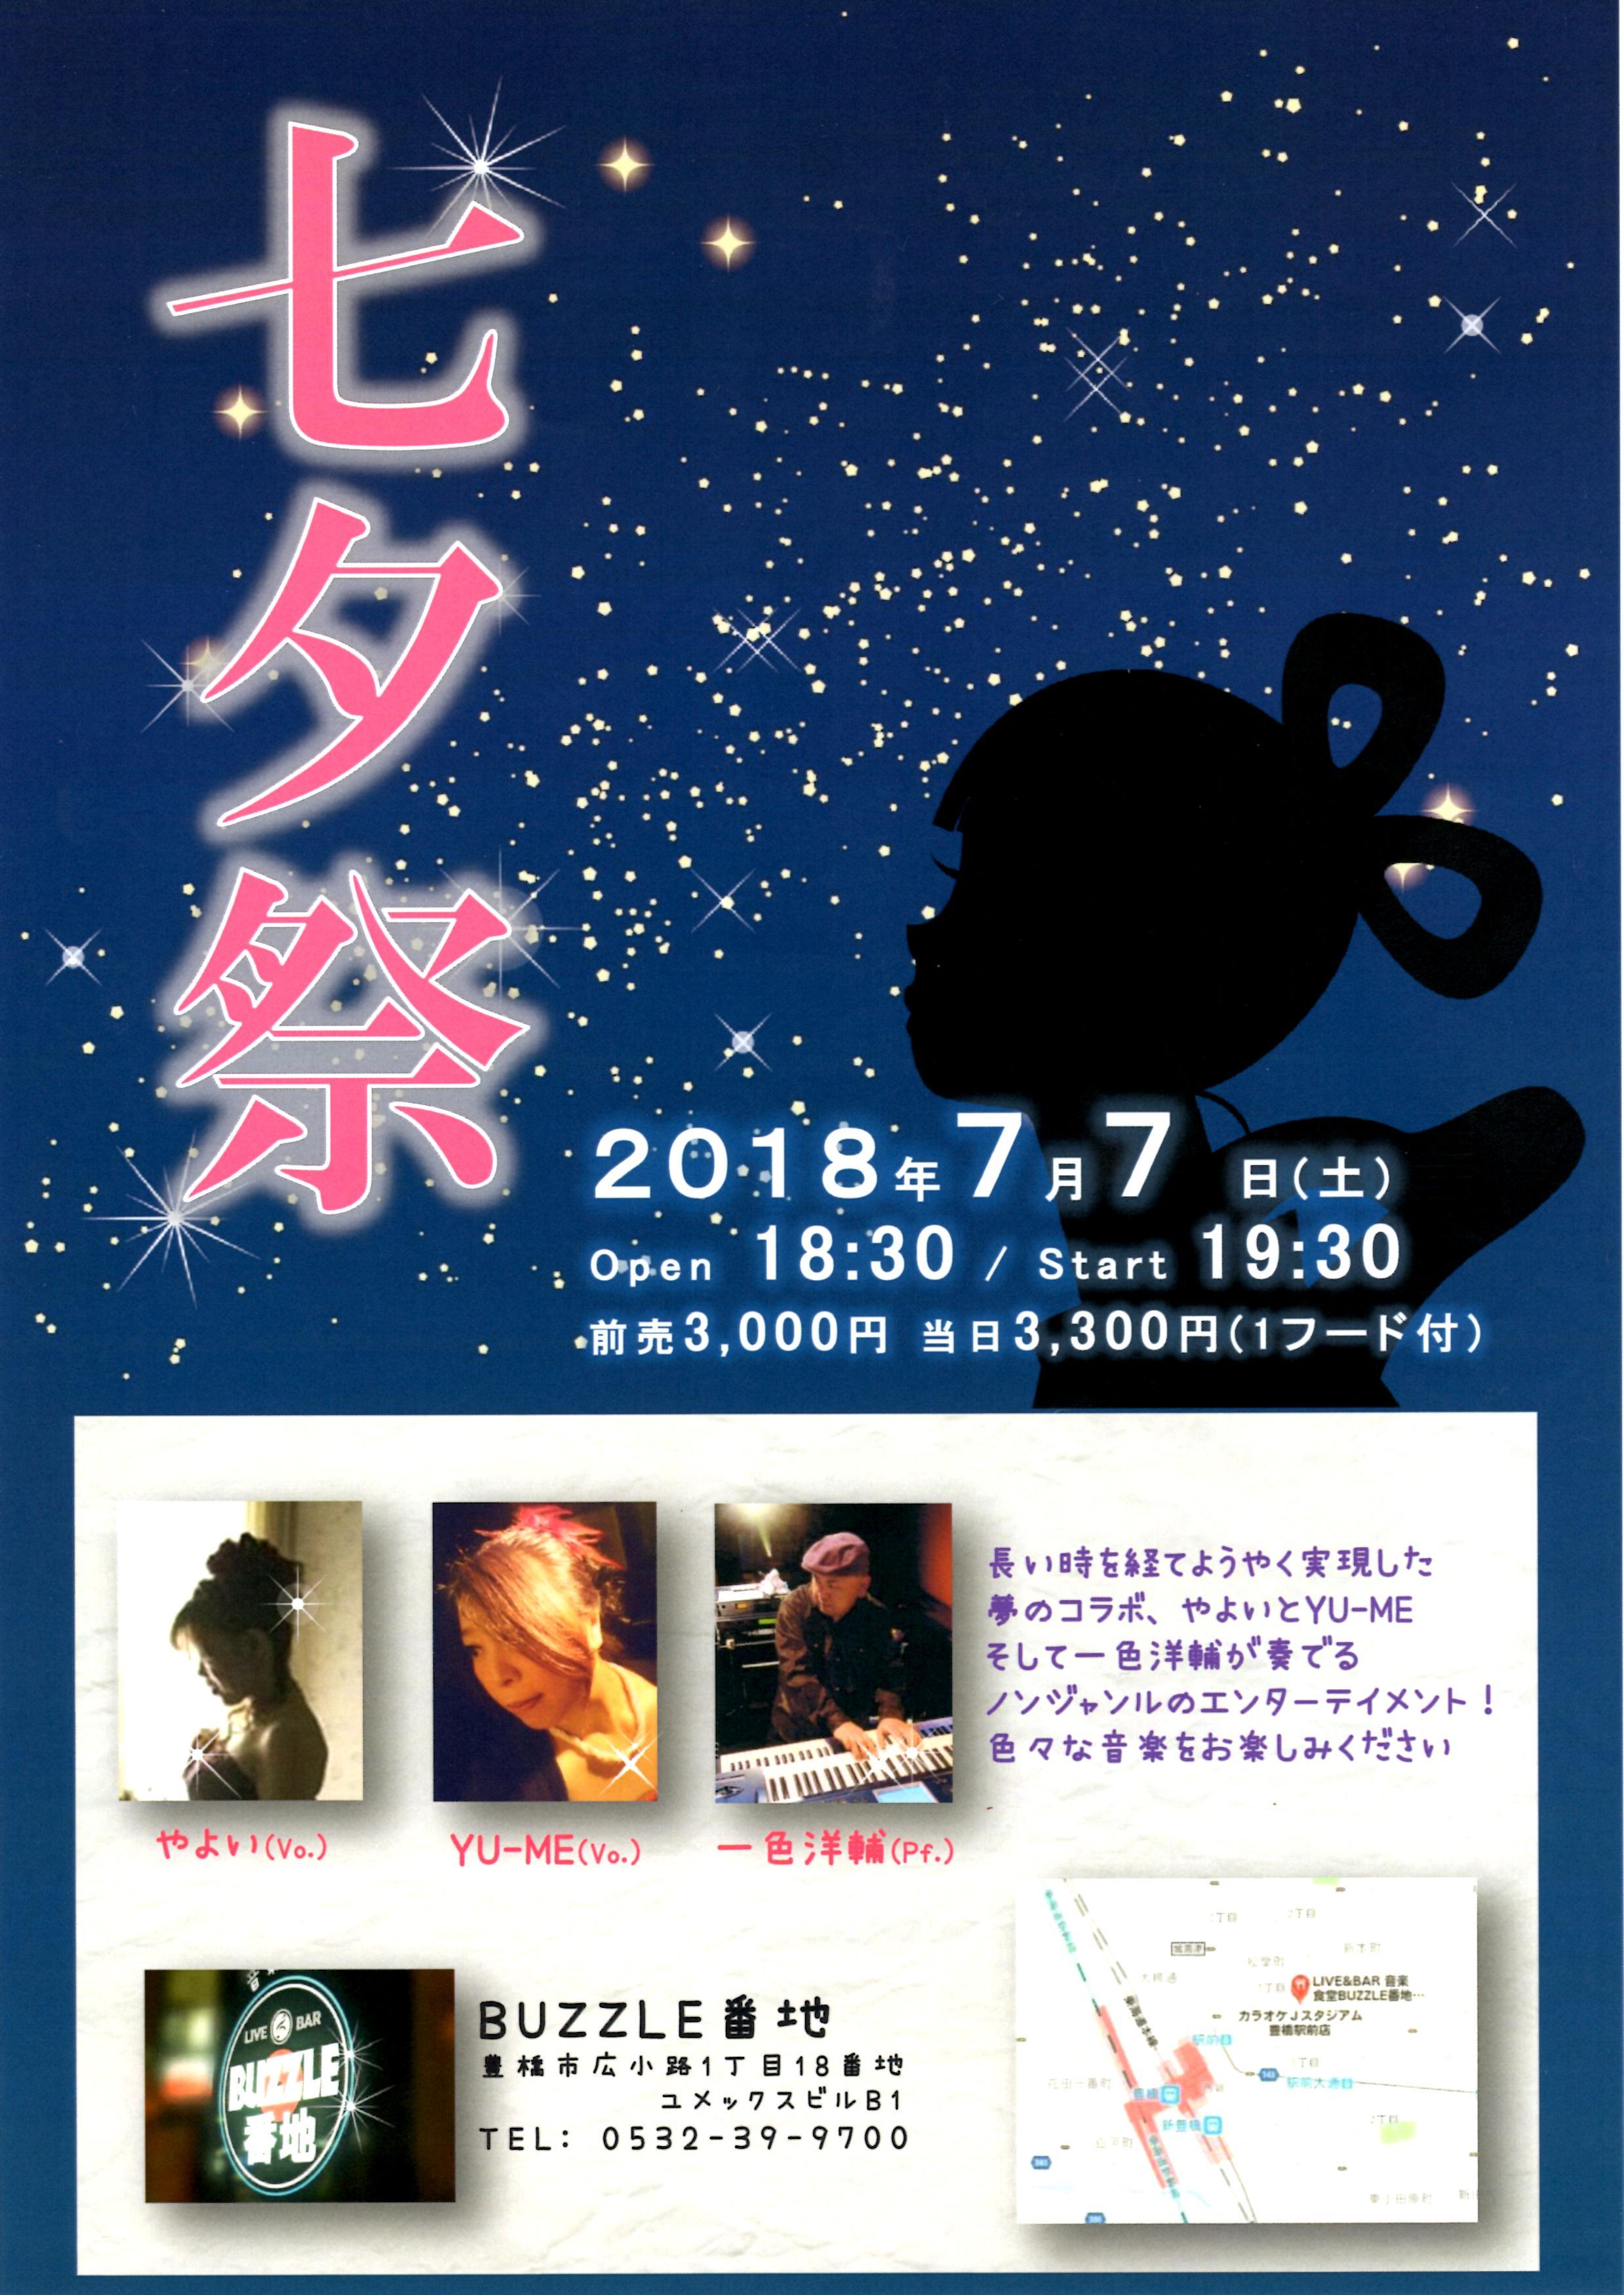 2018年7月7日(土)/『七夕祭』やよい(vo)YU-ME(vo)一色洋輔(pf)